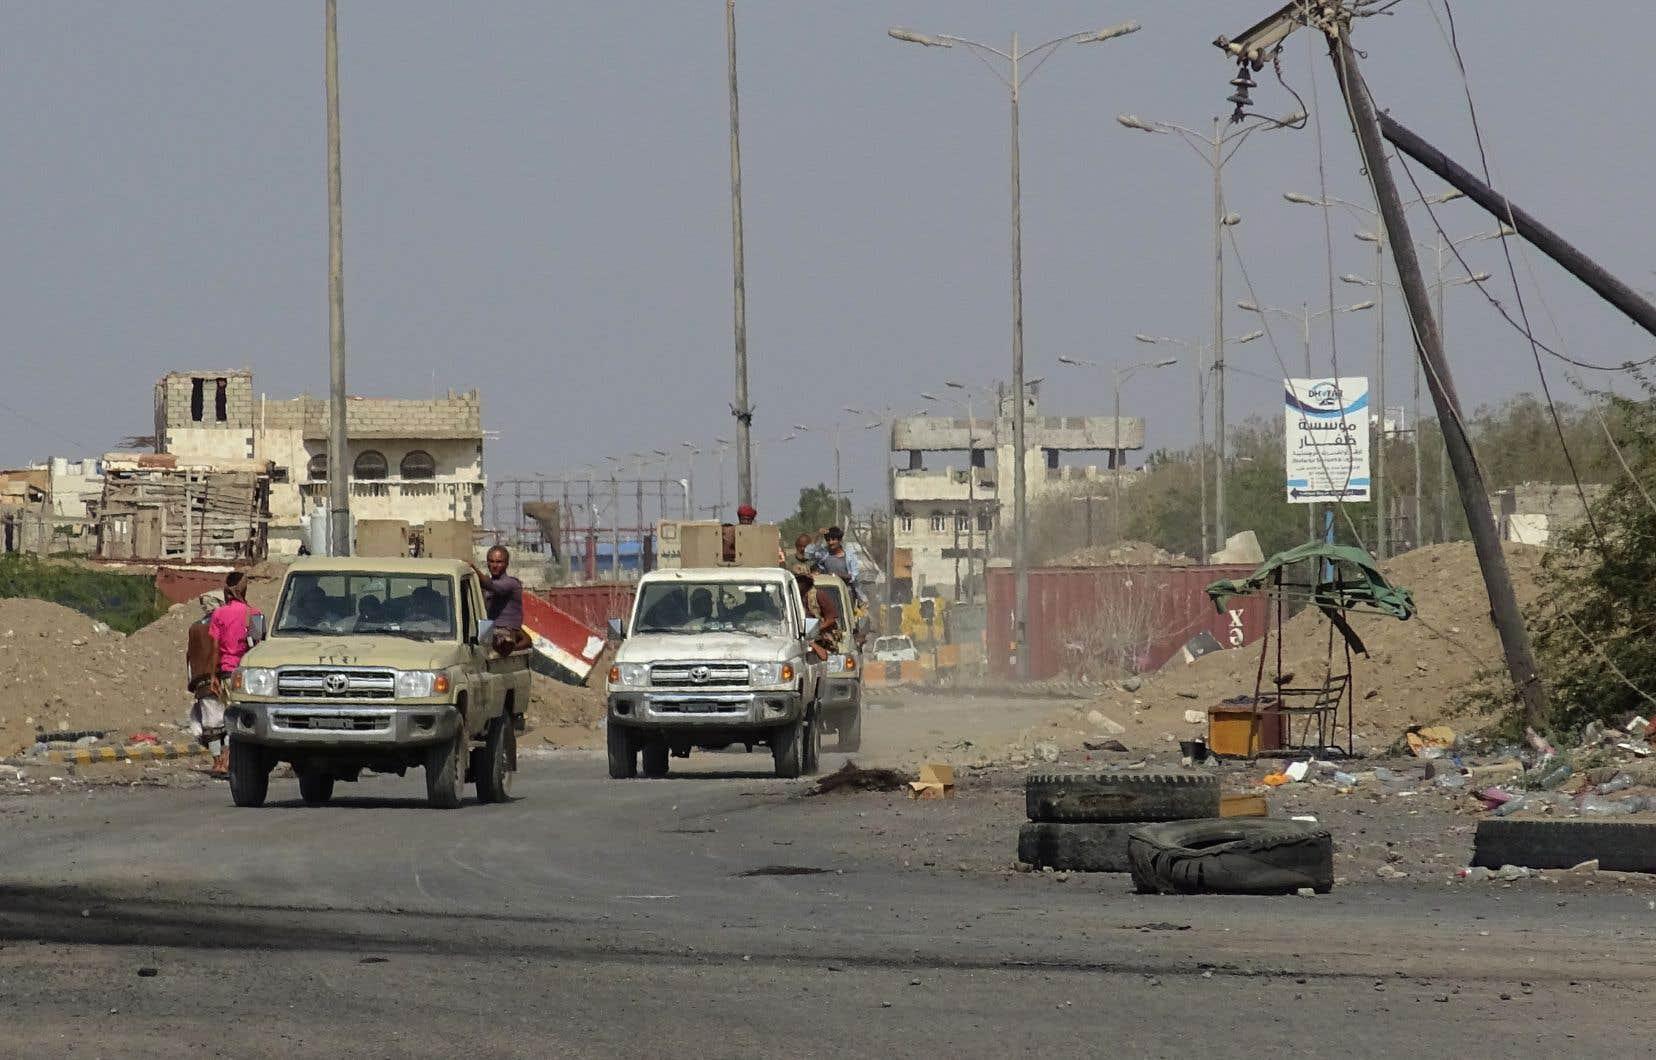 Des membres des forces du gouvernement yéménite se rendent au port de Hodeida, que les forces rebelles ont accepté de quitter progressivement.